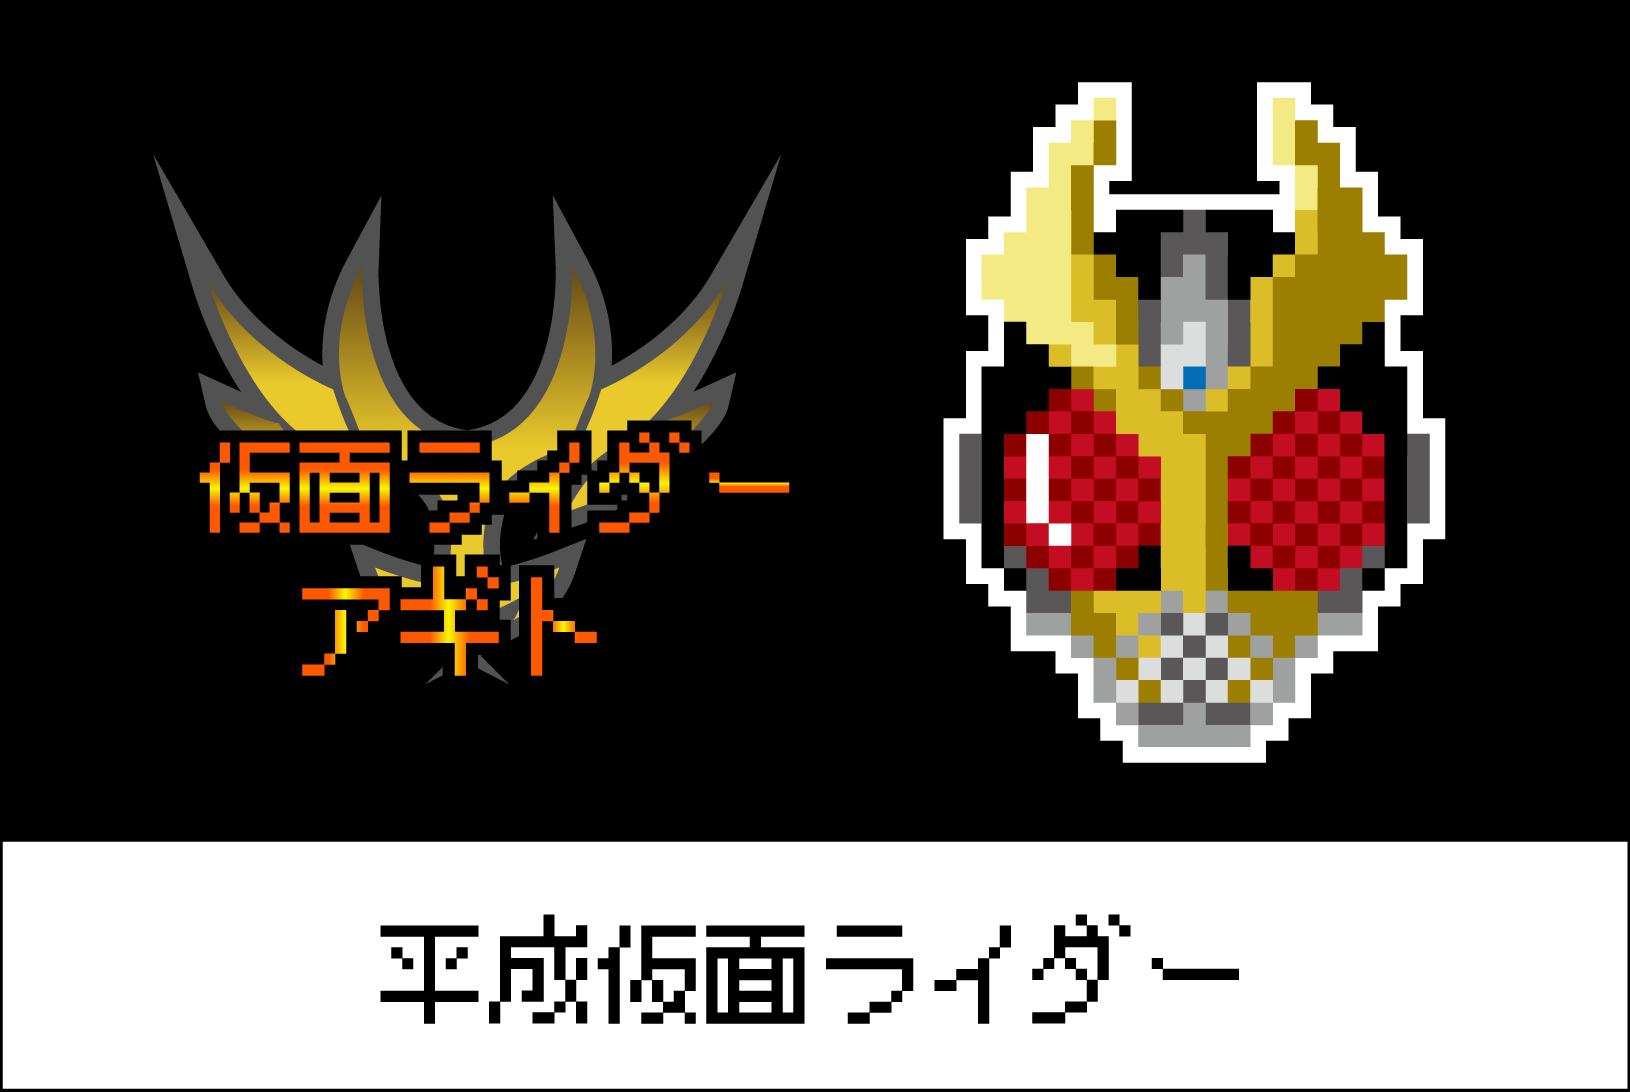 【平成仮面ライダーシリーズ】仮面ライダーアギトのアイロンビーズ図案